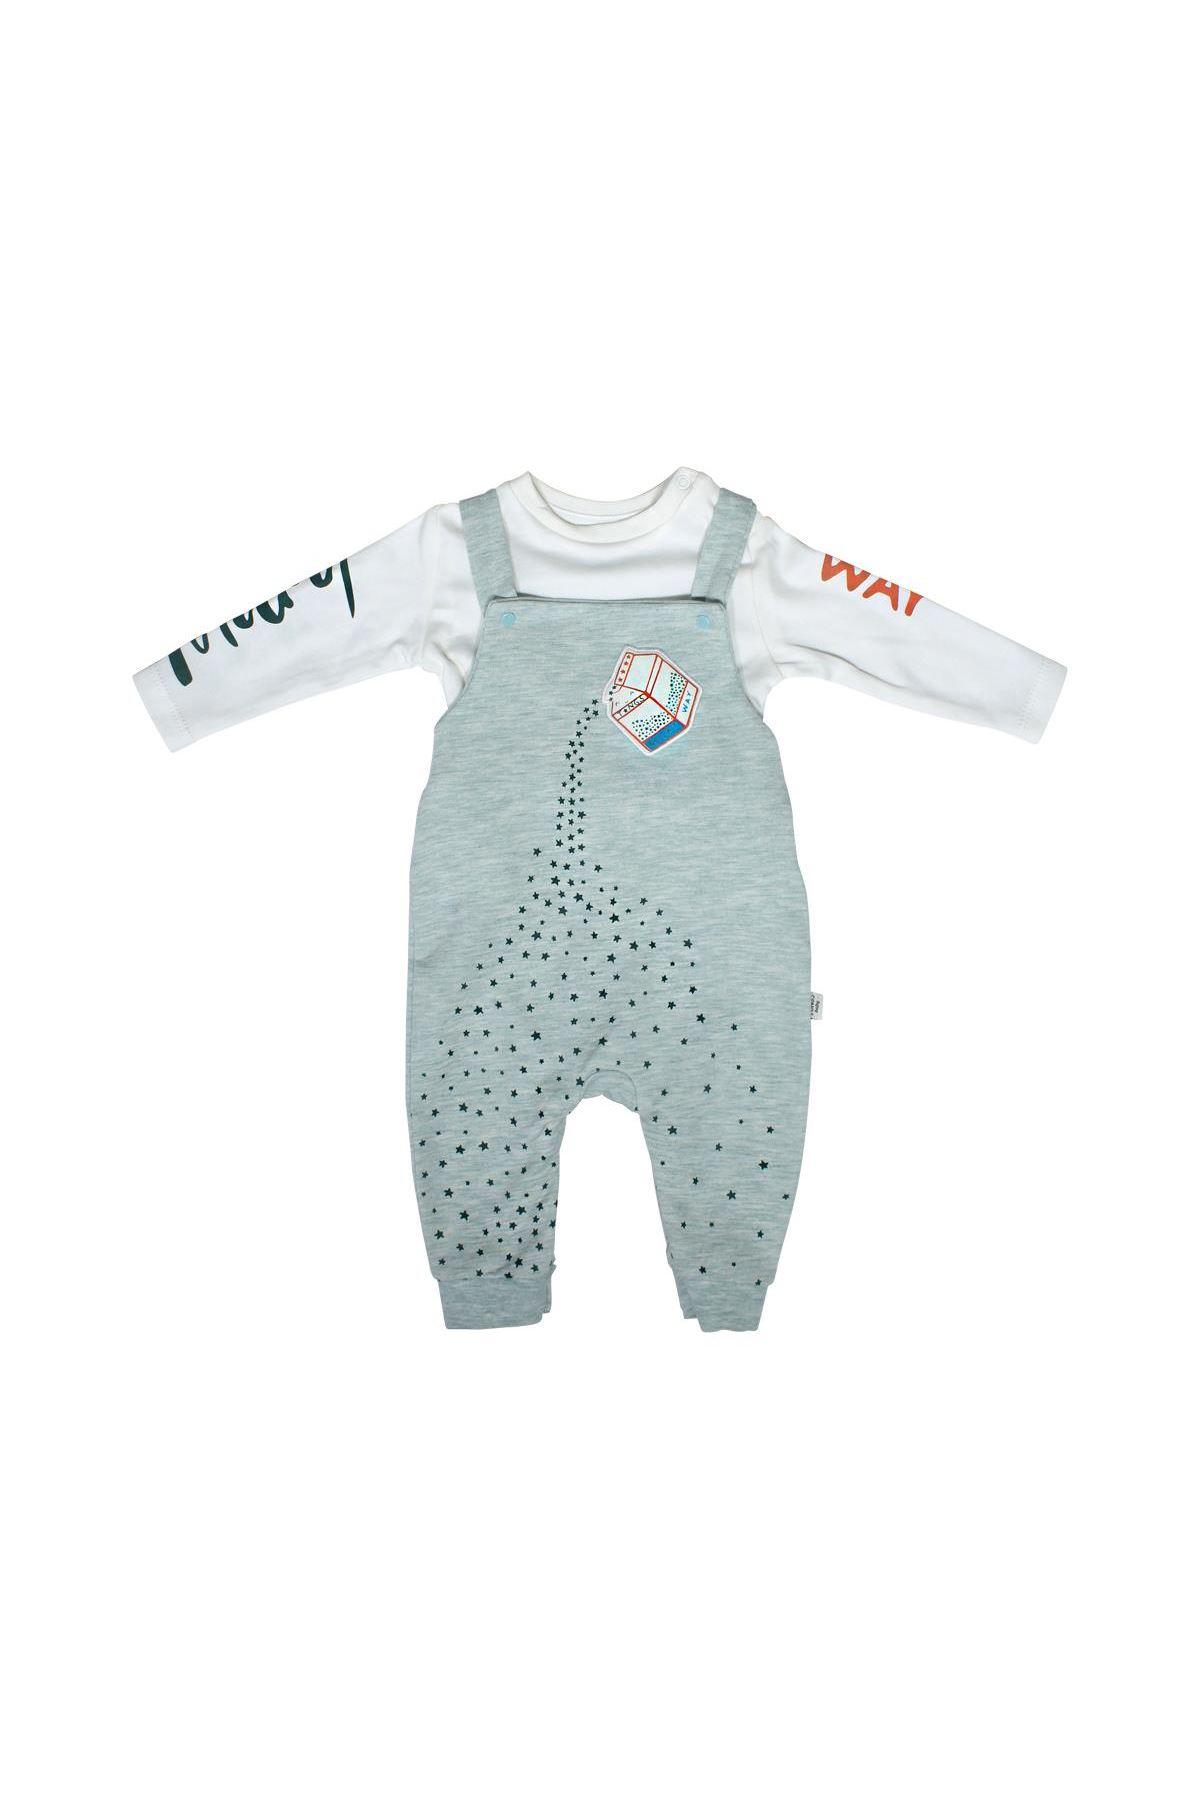 Tongs Baby Salopet Tulum 2666 Haki